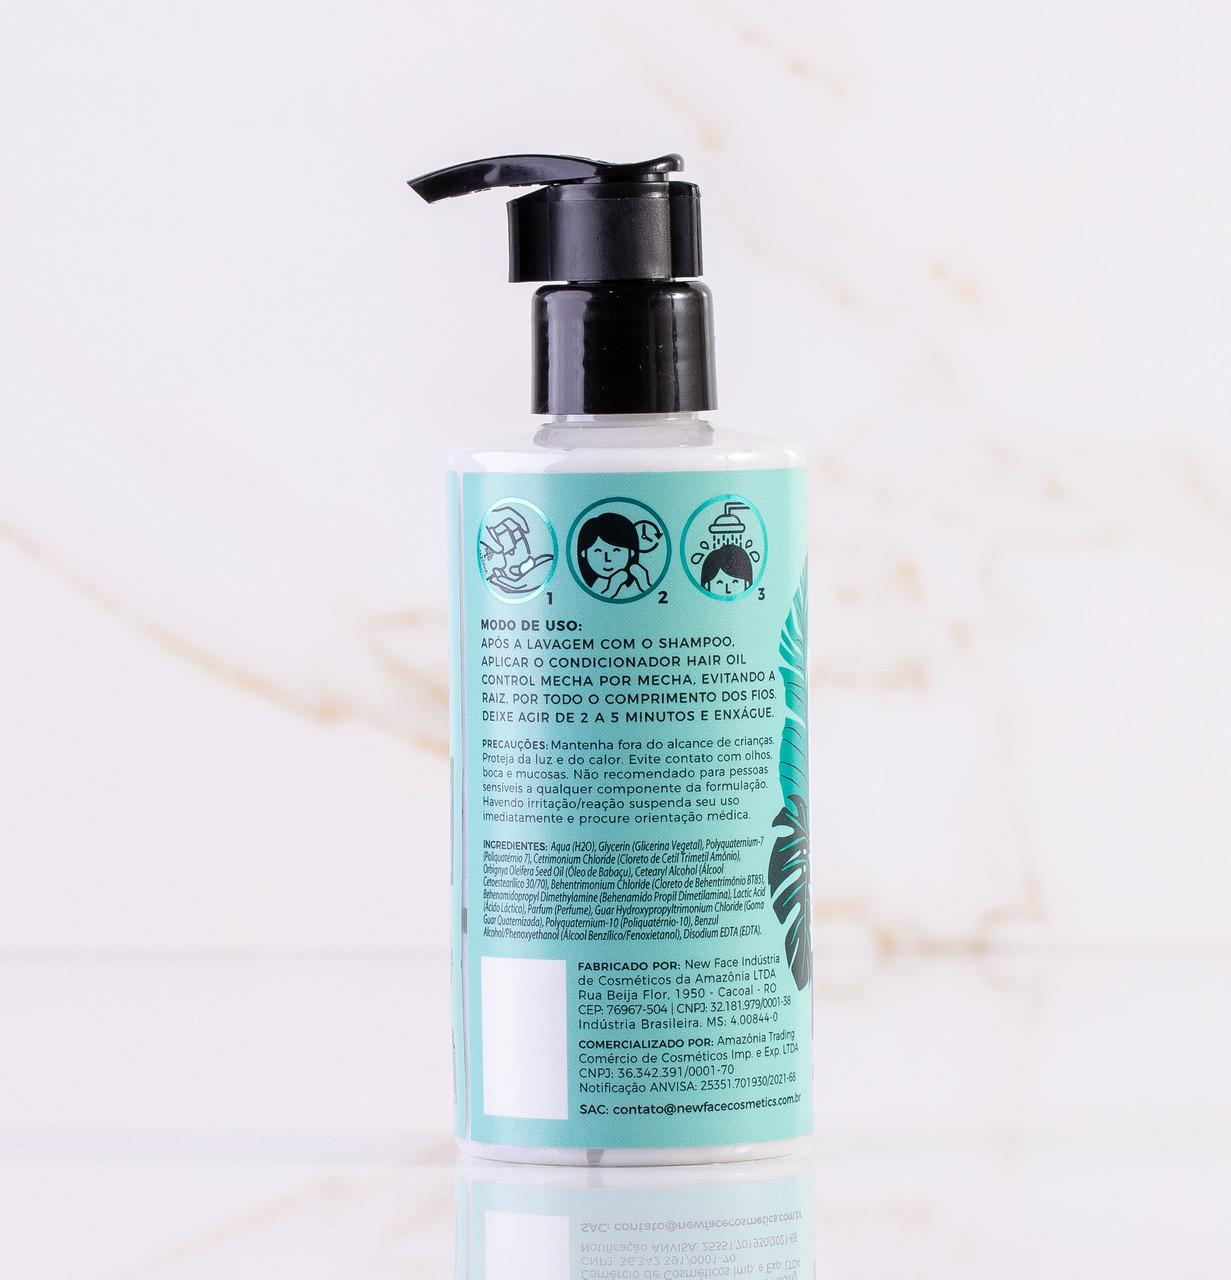 Condicionador Hair Oil Control